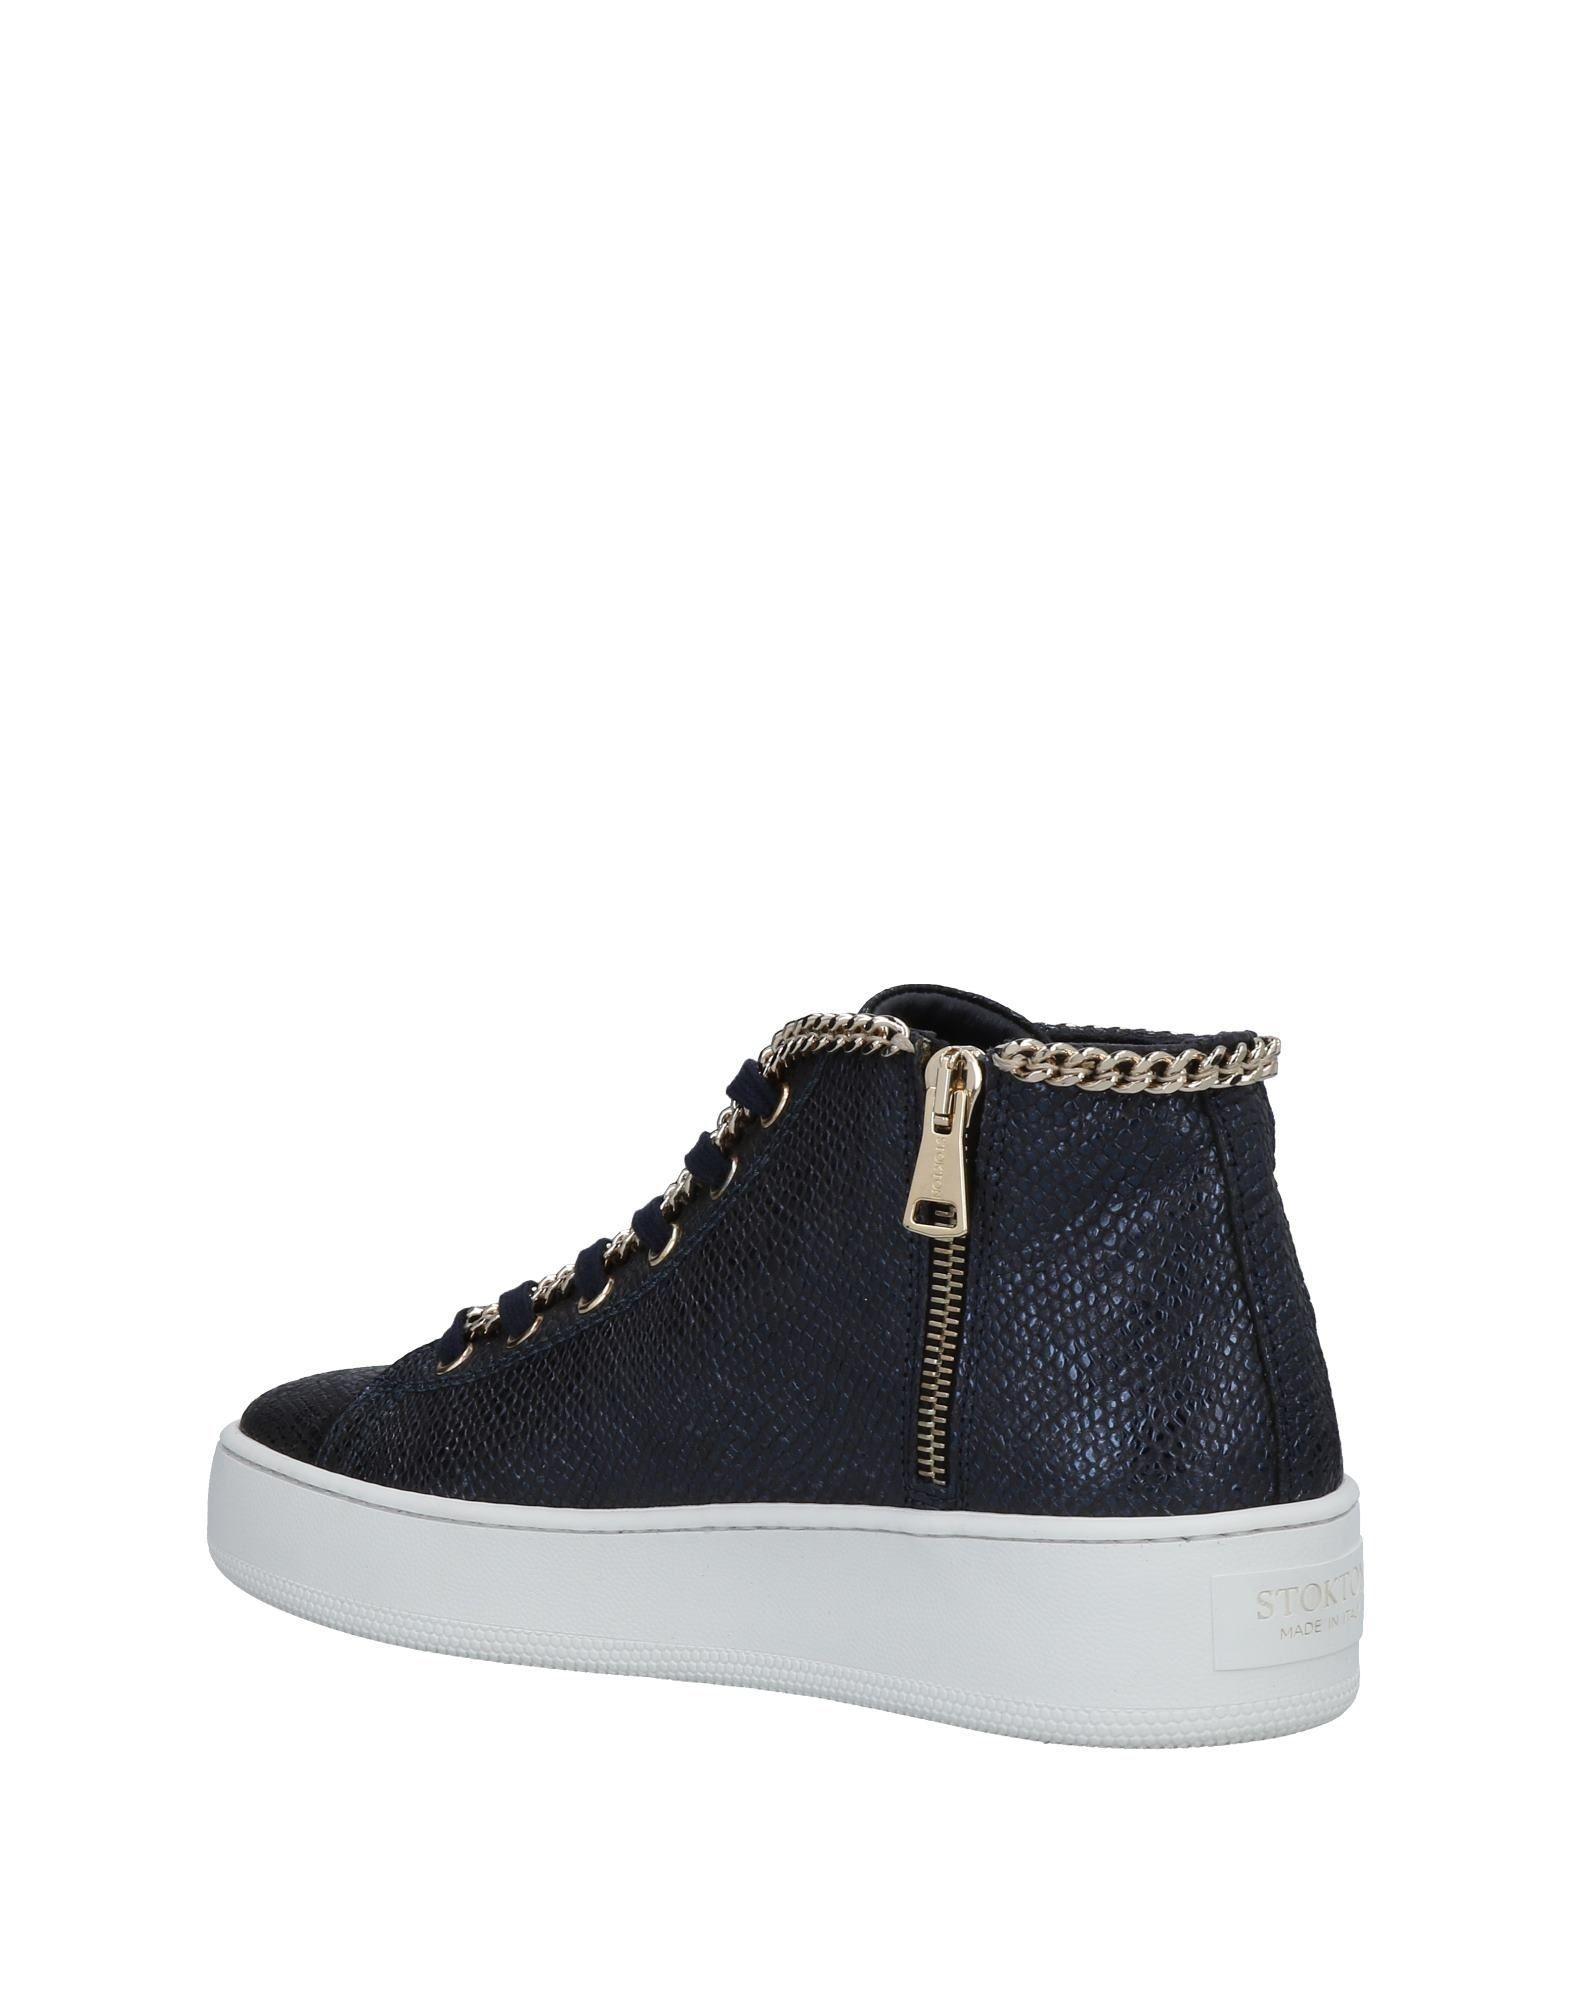 Stokton Sneakers Damen  Schuhe 11486073QD Gute Qualität beliebte Schuhe  879bbd